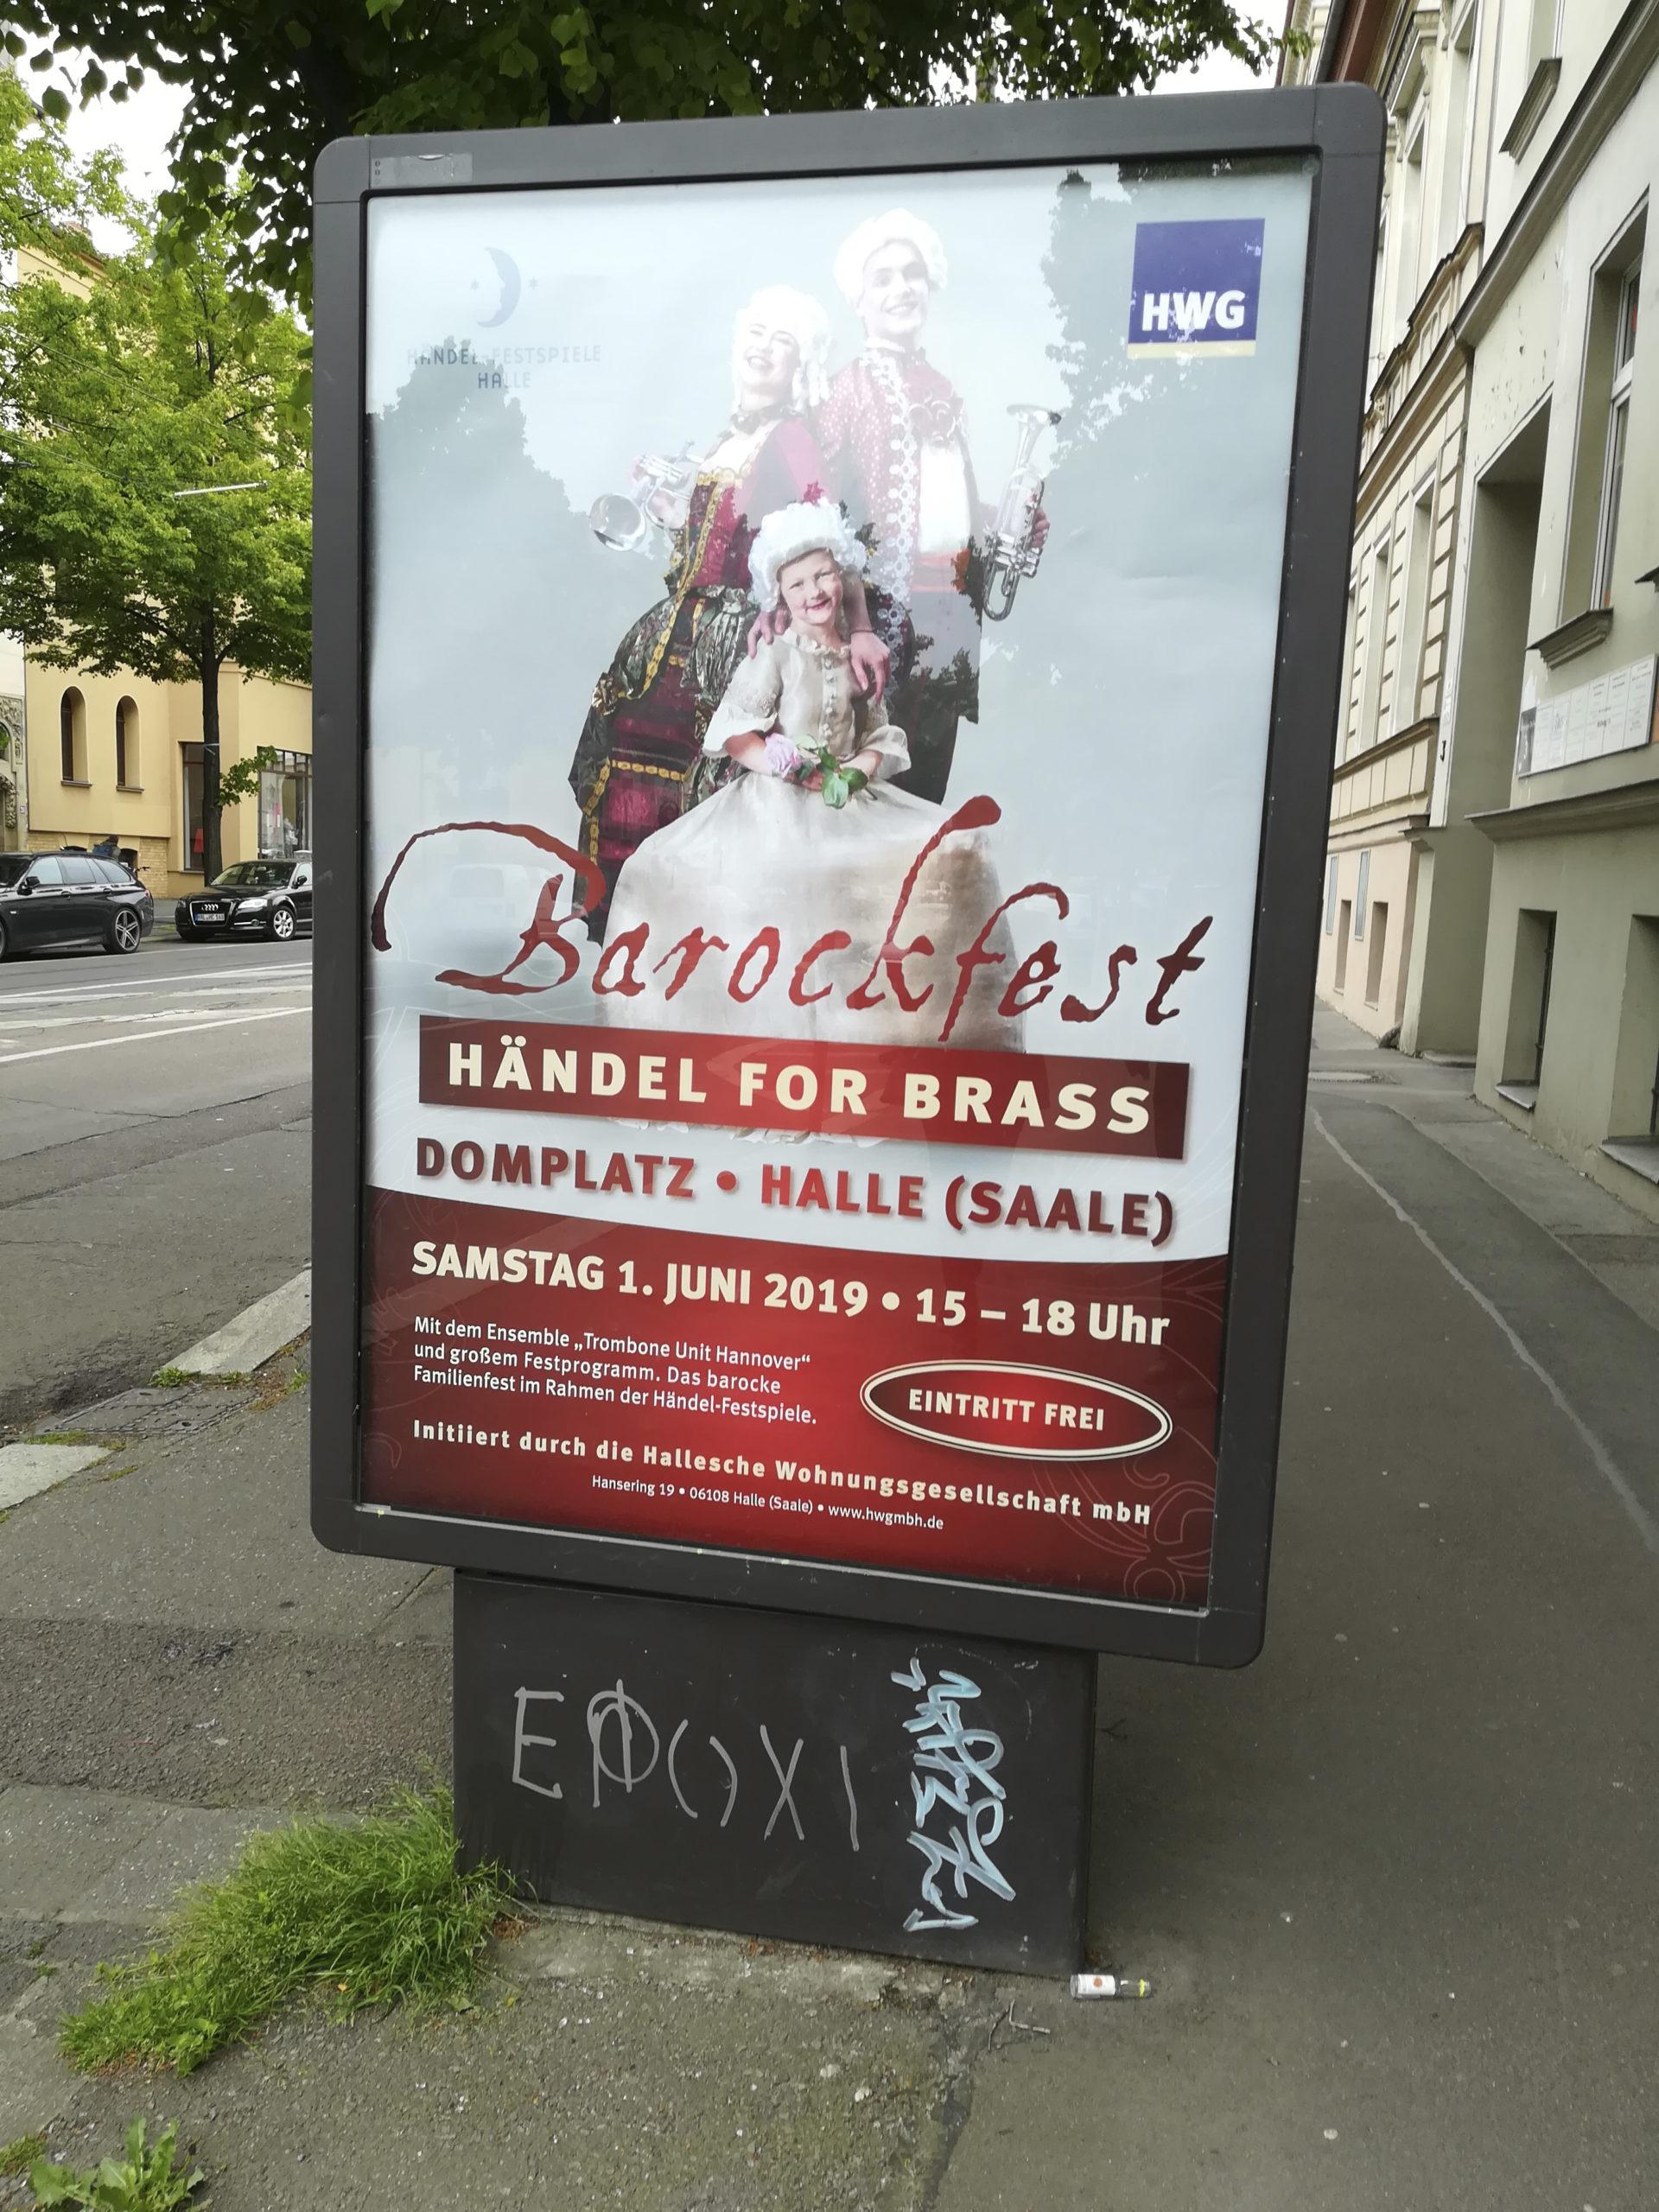 Werbung Barockfest